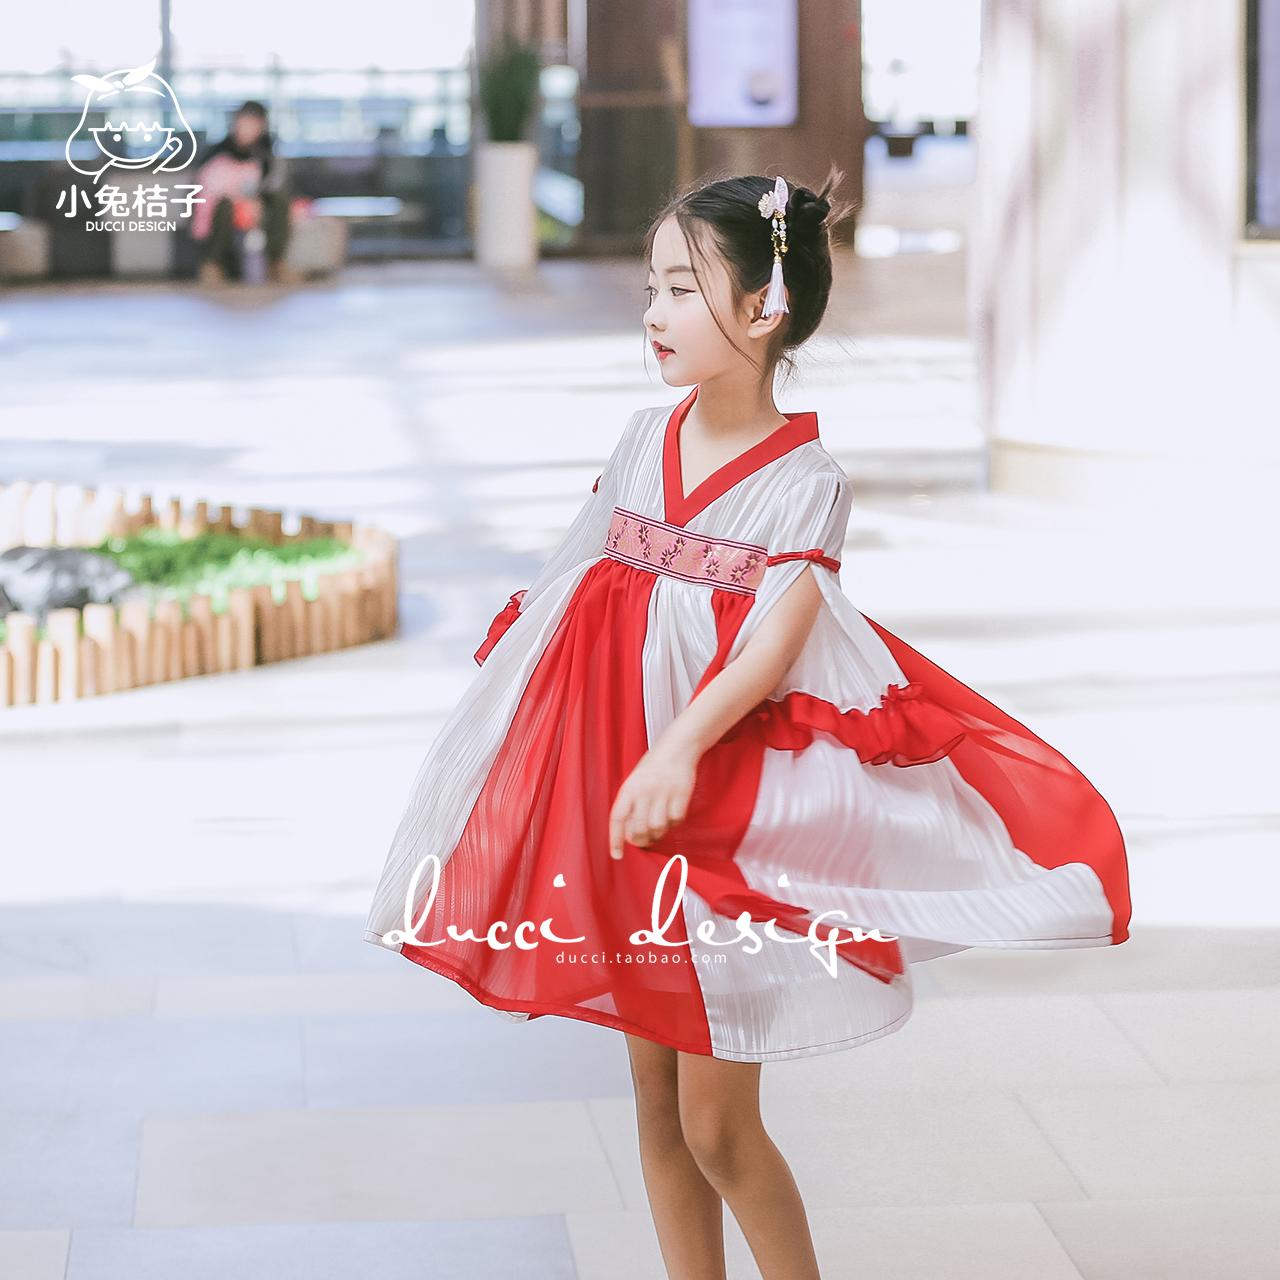 女童汉服裙民族风春夏新款儿童拼接甜美雪纺纱裙复古旗袍连衣裙